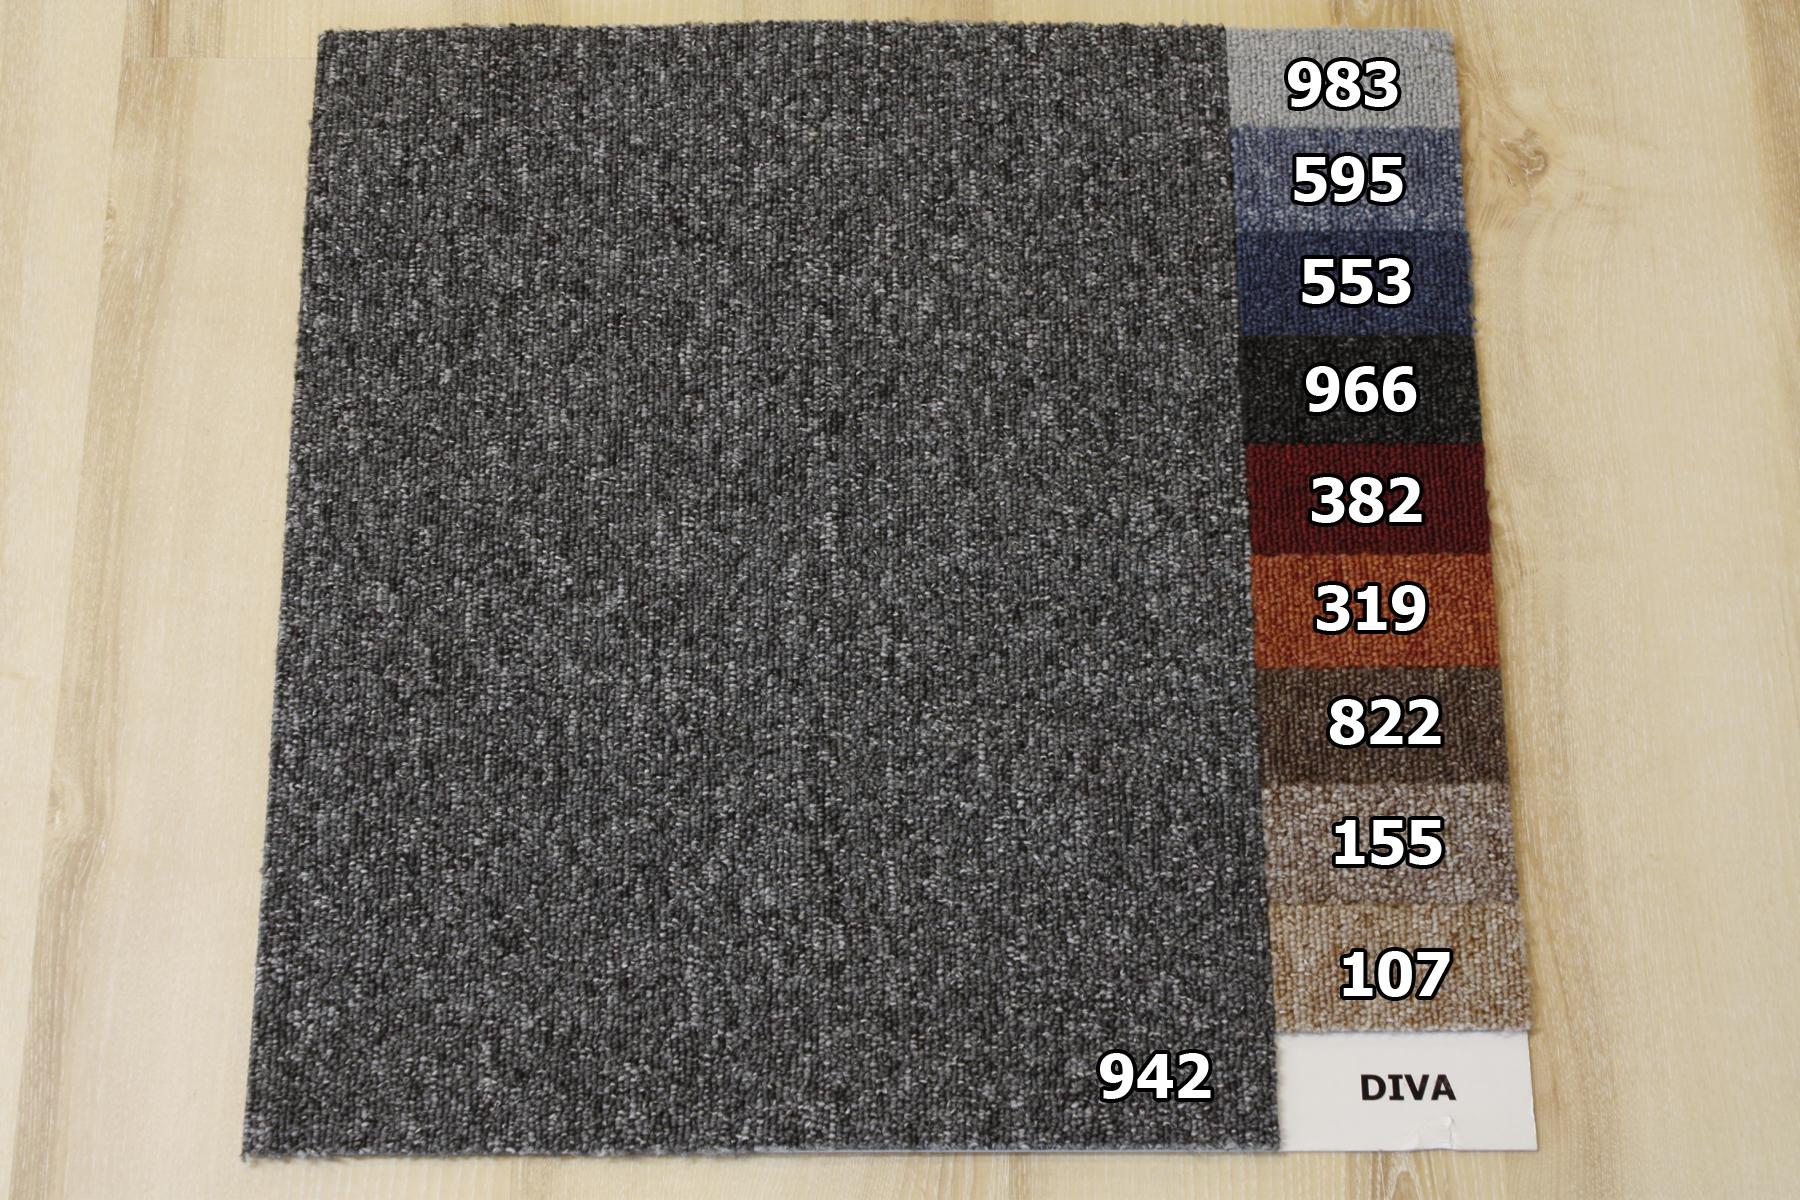 Carpet Tiles Diva 50×50 cm B1 Balta 822 Brown Cs1  eBay